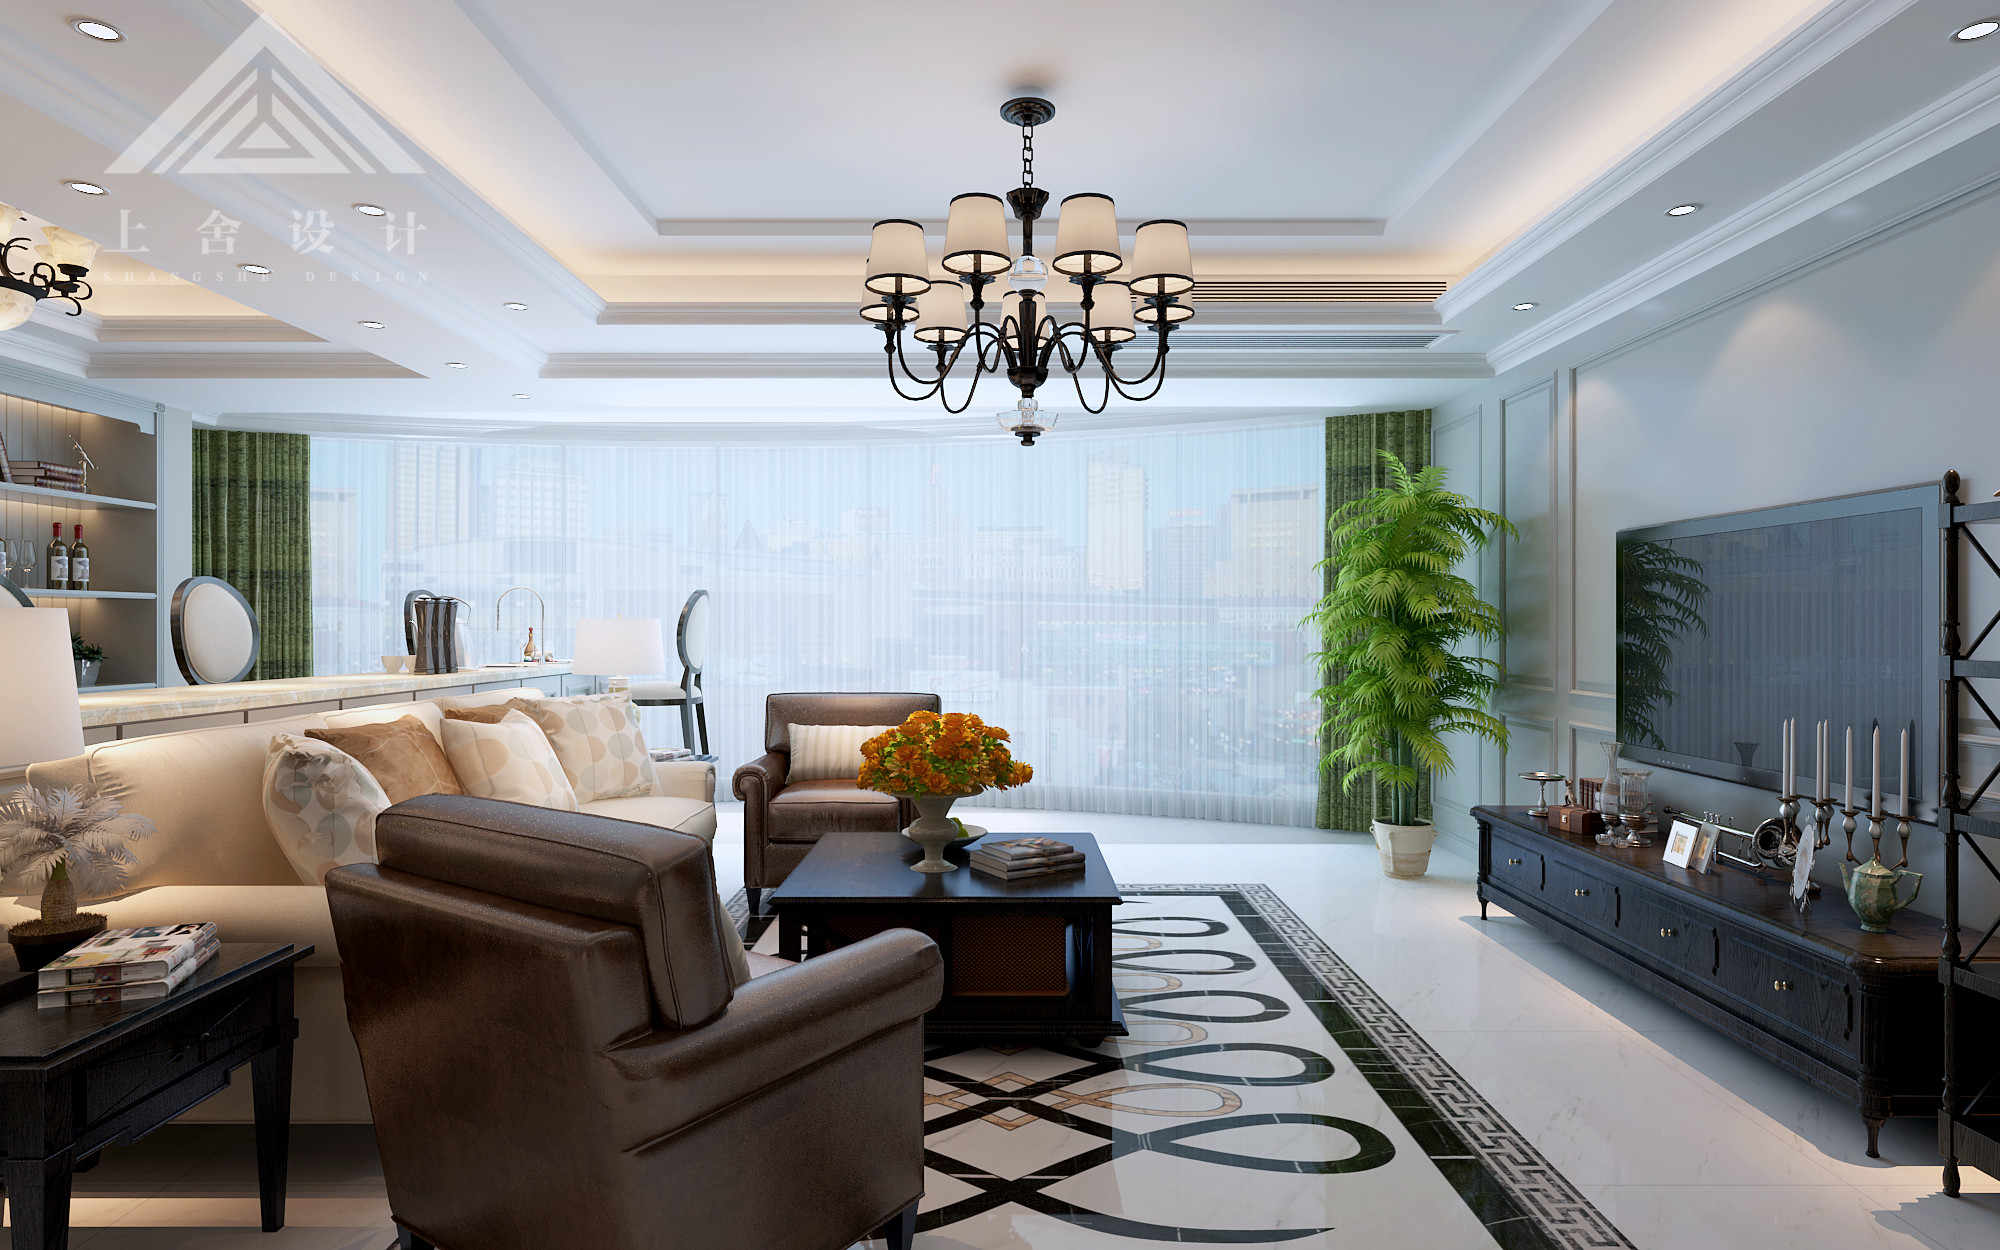 美式风格客厅装修设计效果图